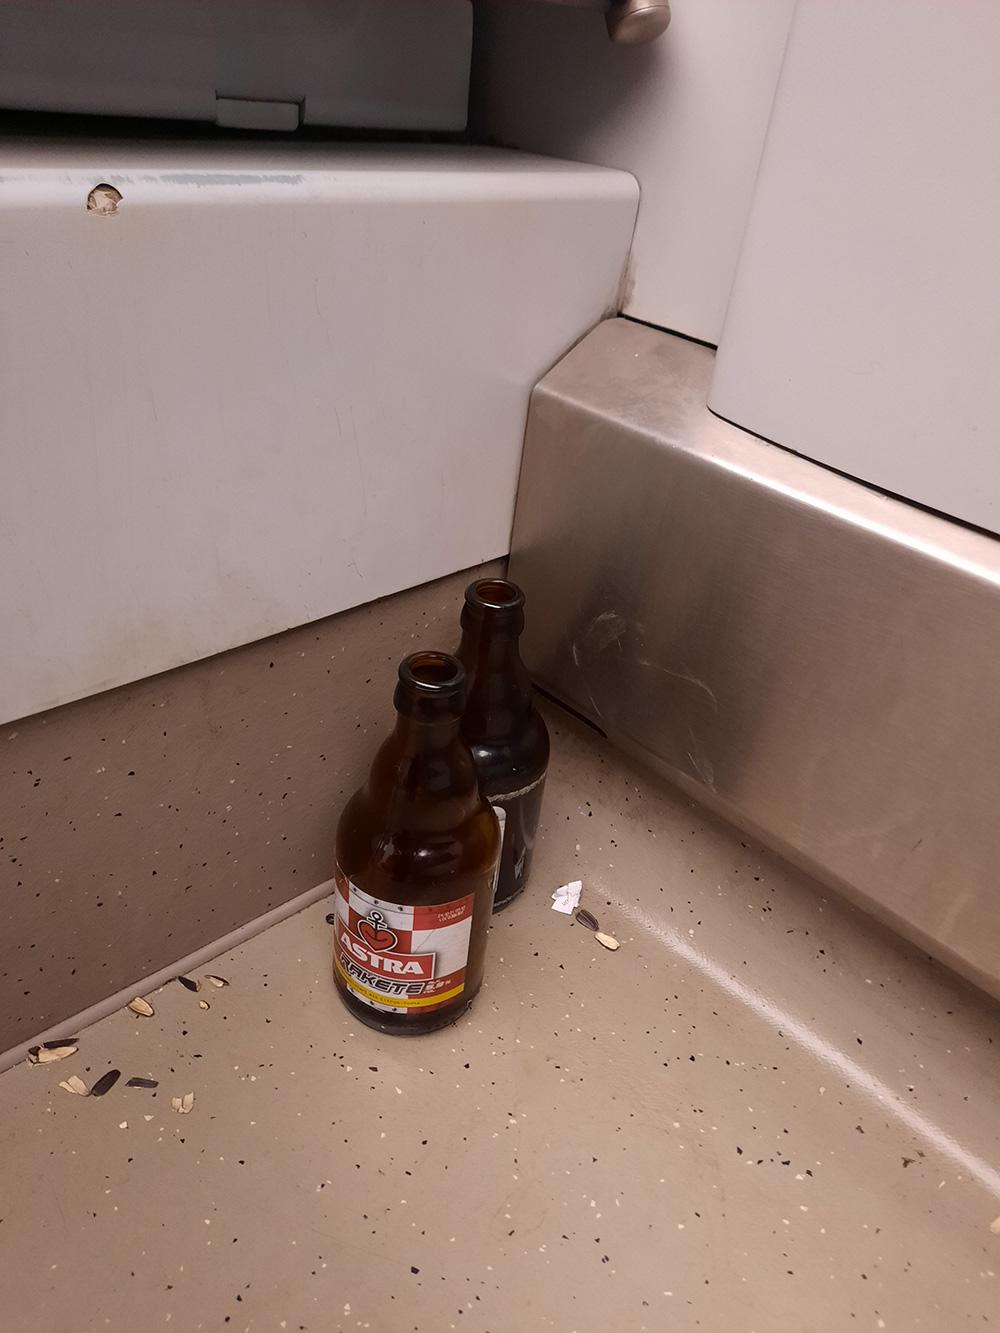 Bierflaschen in der Bahn